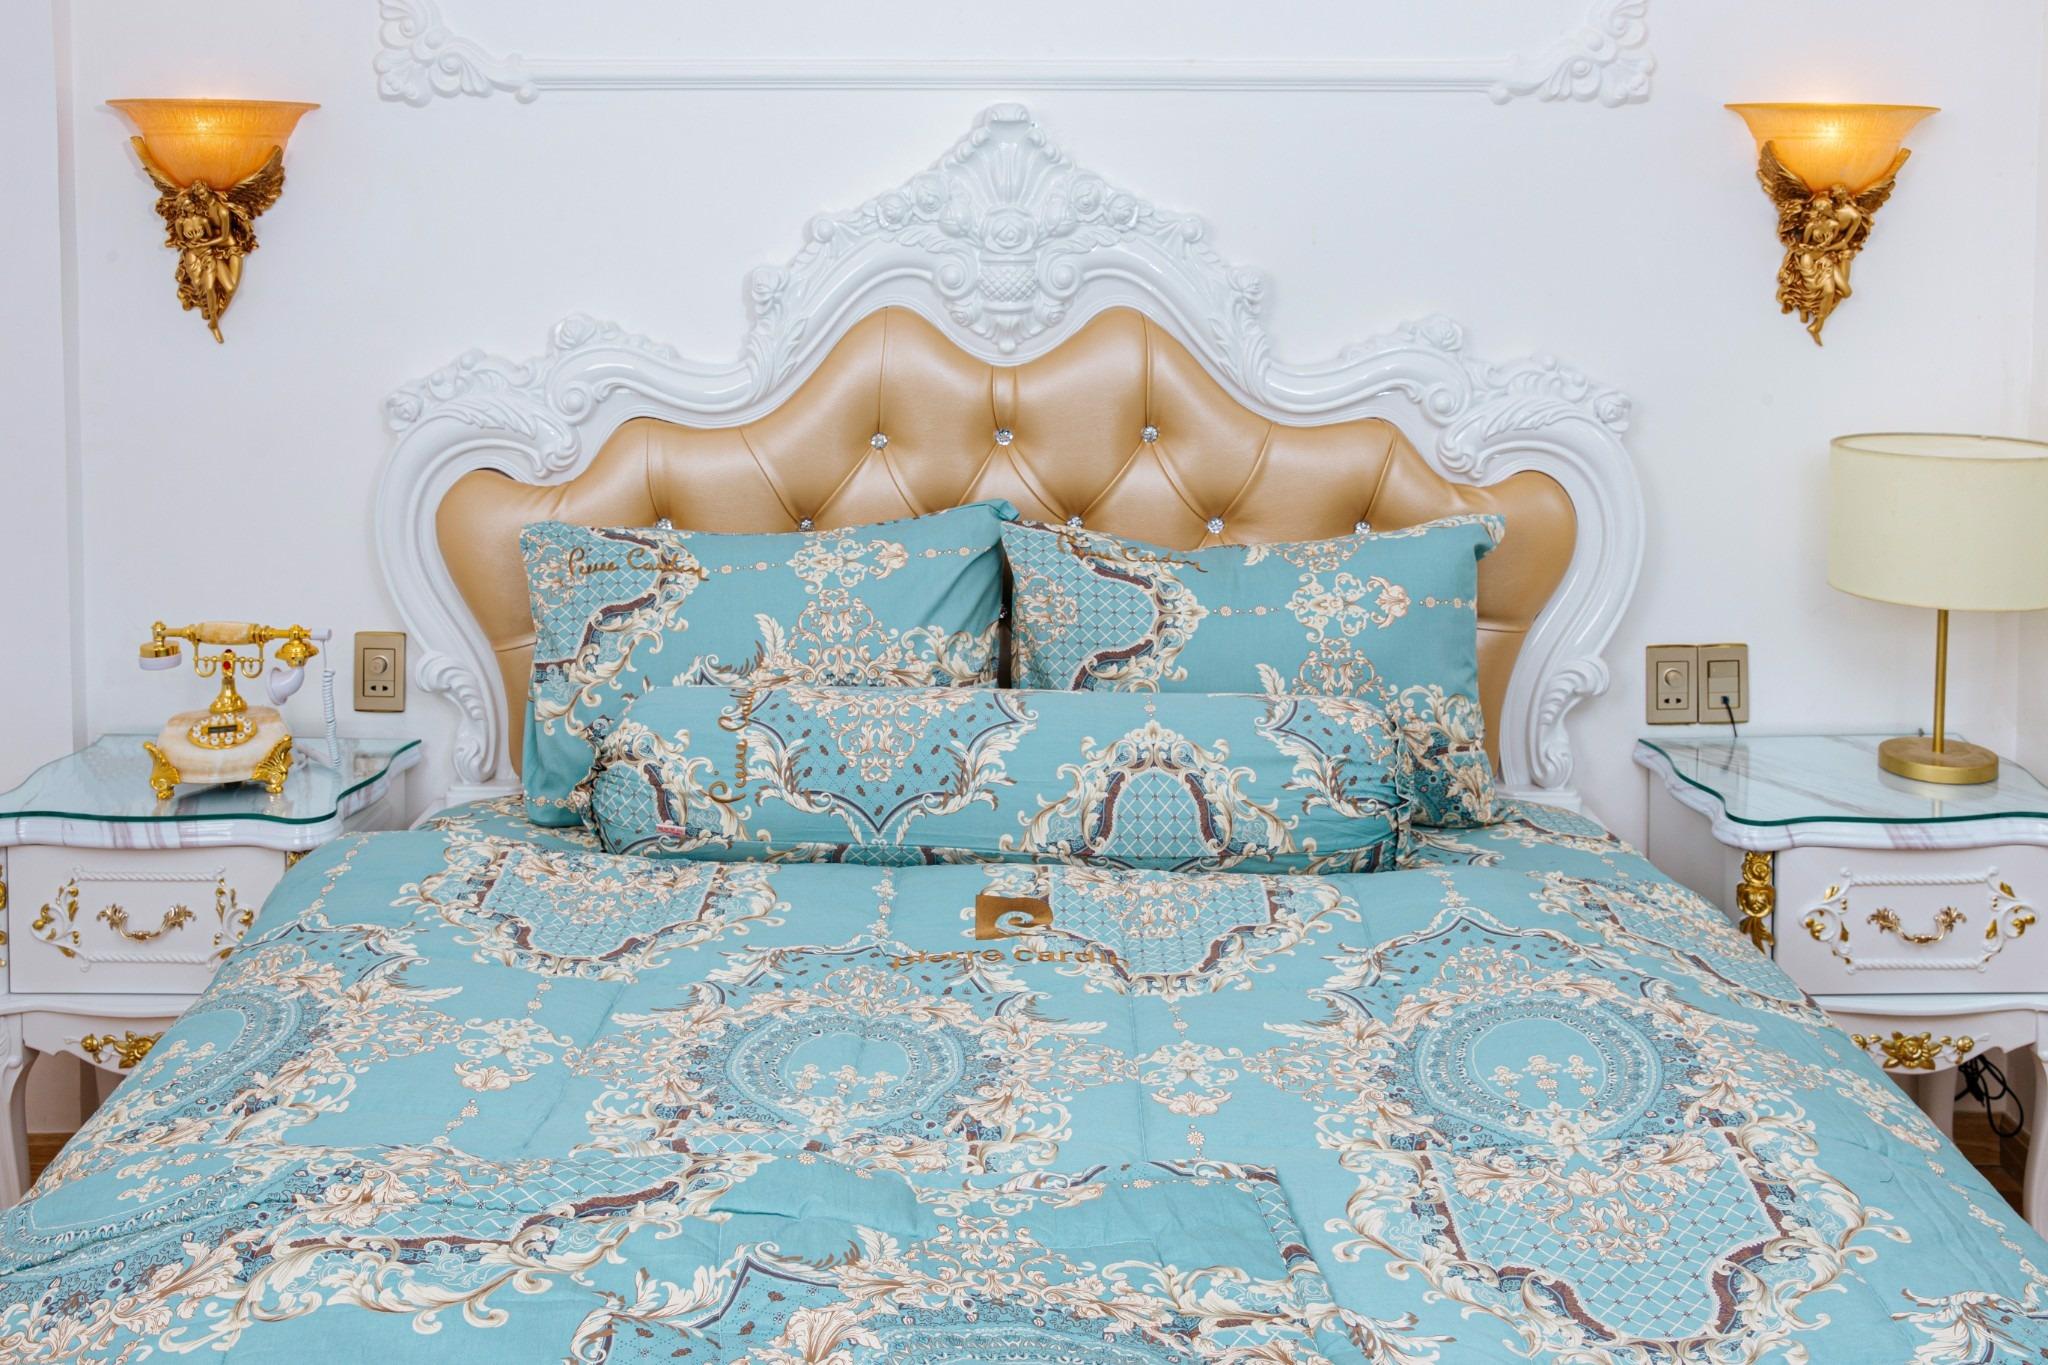 Thêm một mẫu chất liệu cotton thoáng mát từ Pierre Cardin với họa tiết hoa trắng trên nền vải màu xanh nhạt tươi sáng. Sản phẩm có cùng mức giá 1,17 triệu đồng, bao gồm drap giường với đủ các kích cỡ, hai vỏ gối nằm 40 cm x 60 cm và vỏ gối ôm 37 cm x 100 cm.